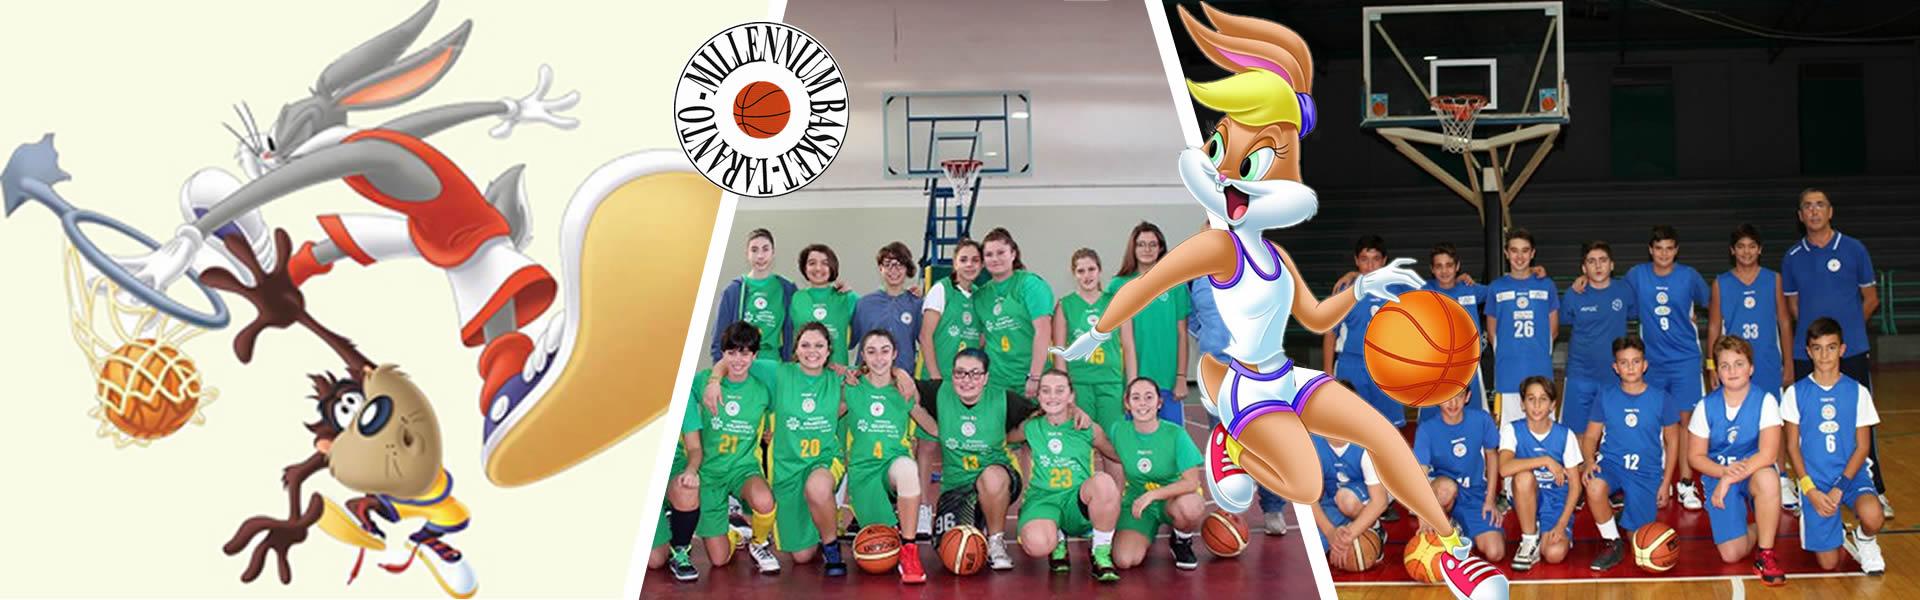 corsi di minibasket basket agonistivo e amatoriale